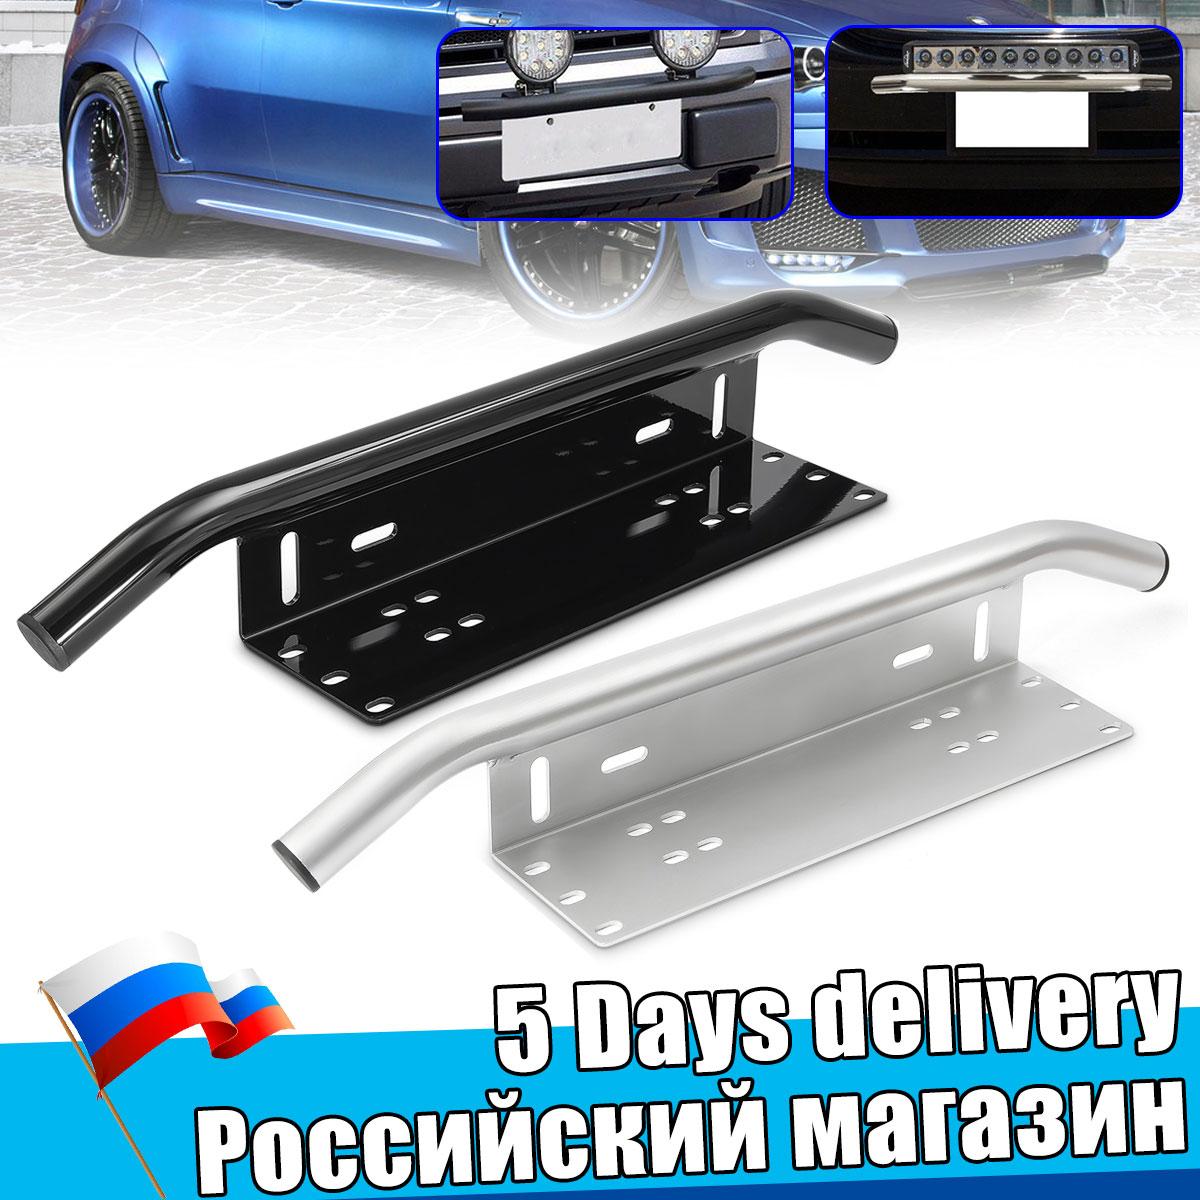 car number plate Offroad Front License Number Plate Bracket Frame Holder Light Bar Mount Bumper For SUV Truck Vehicle